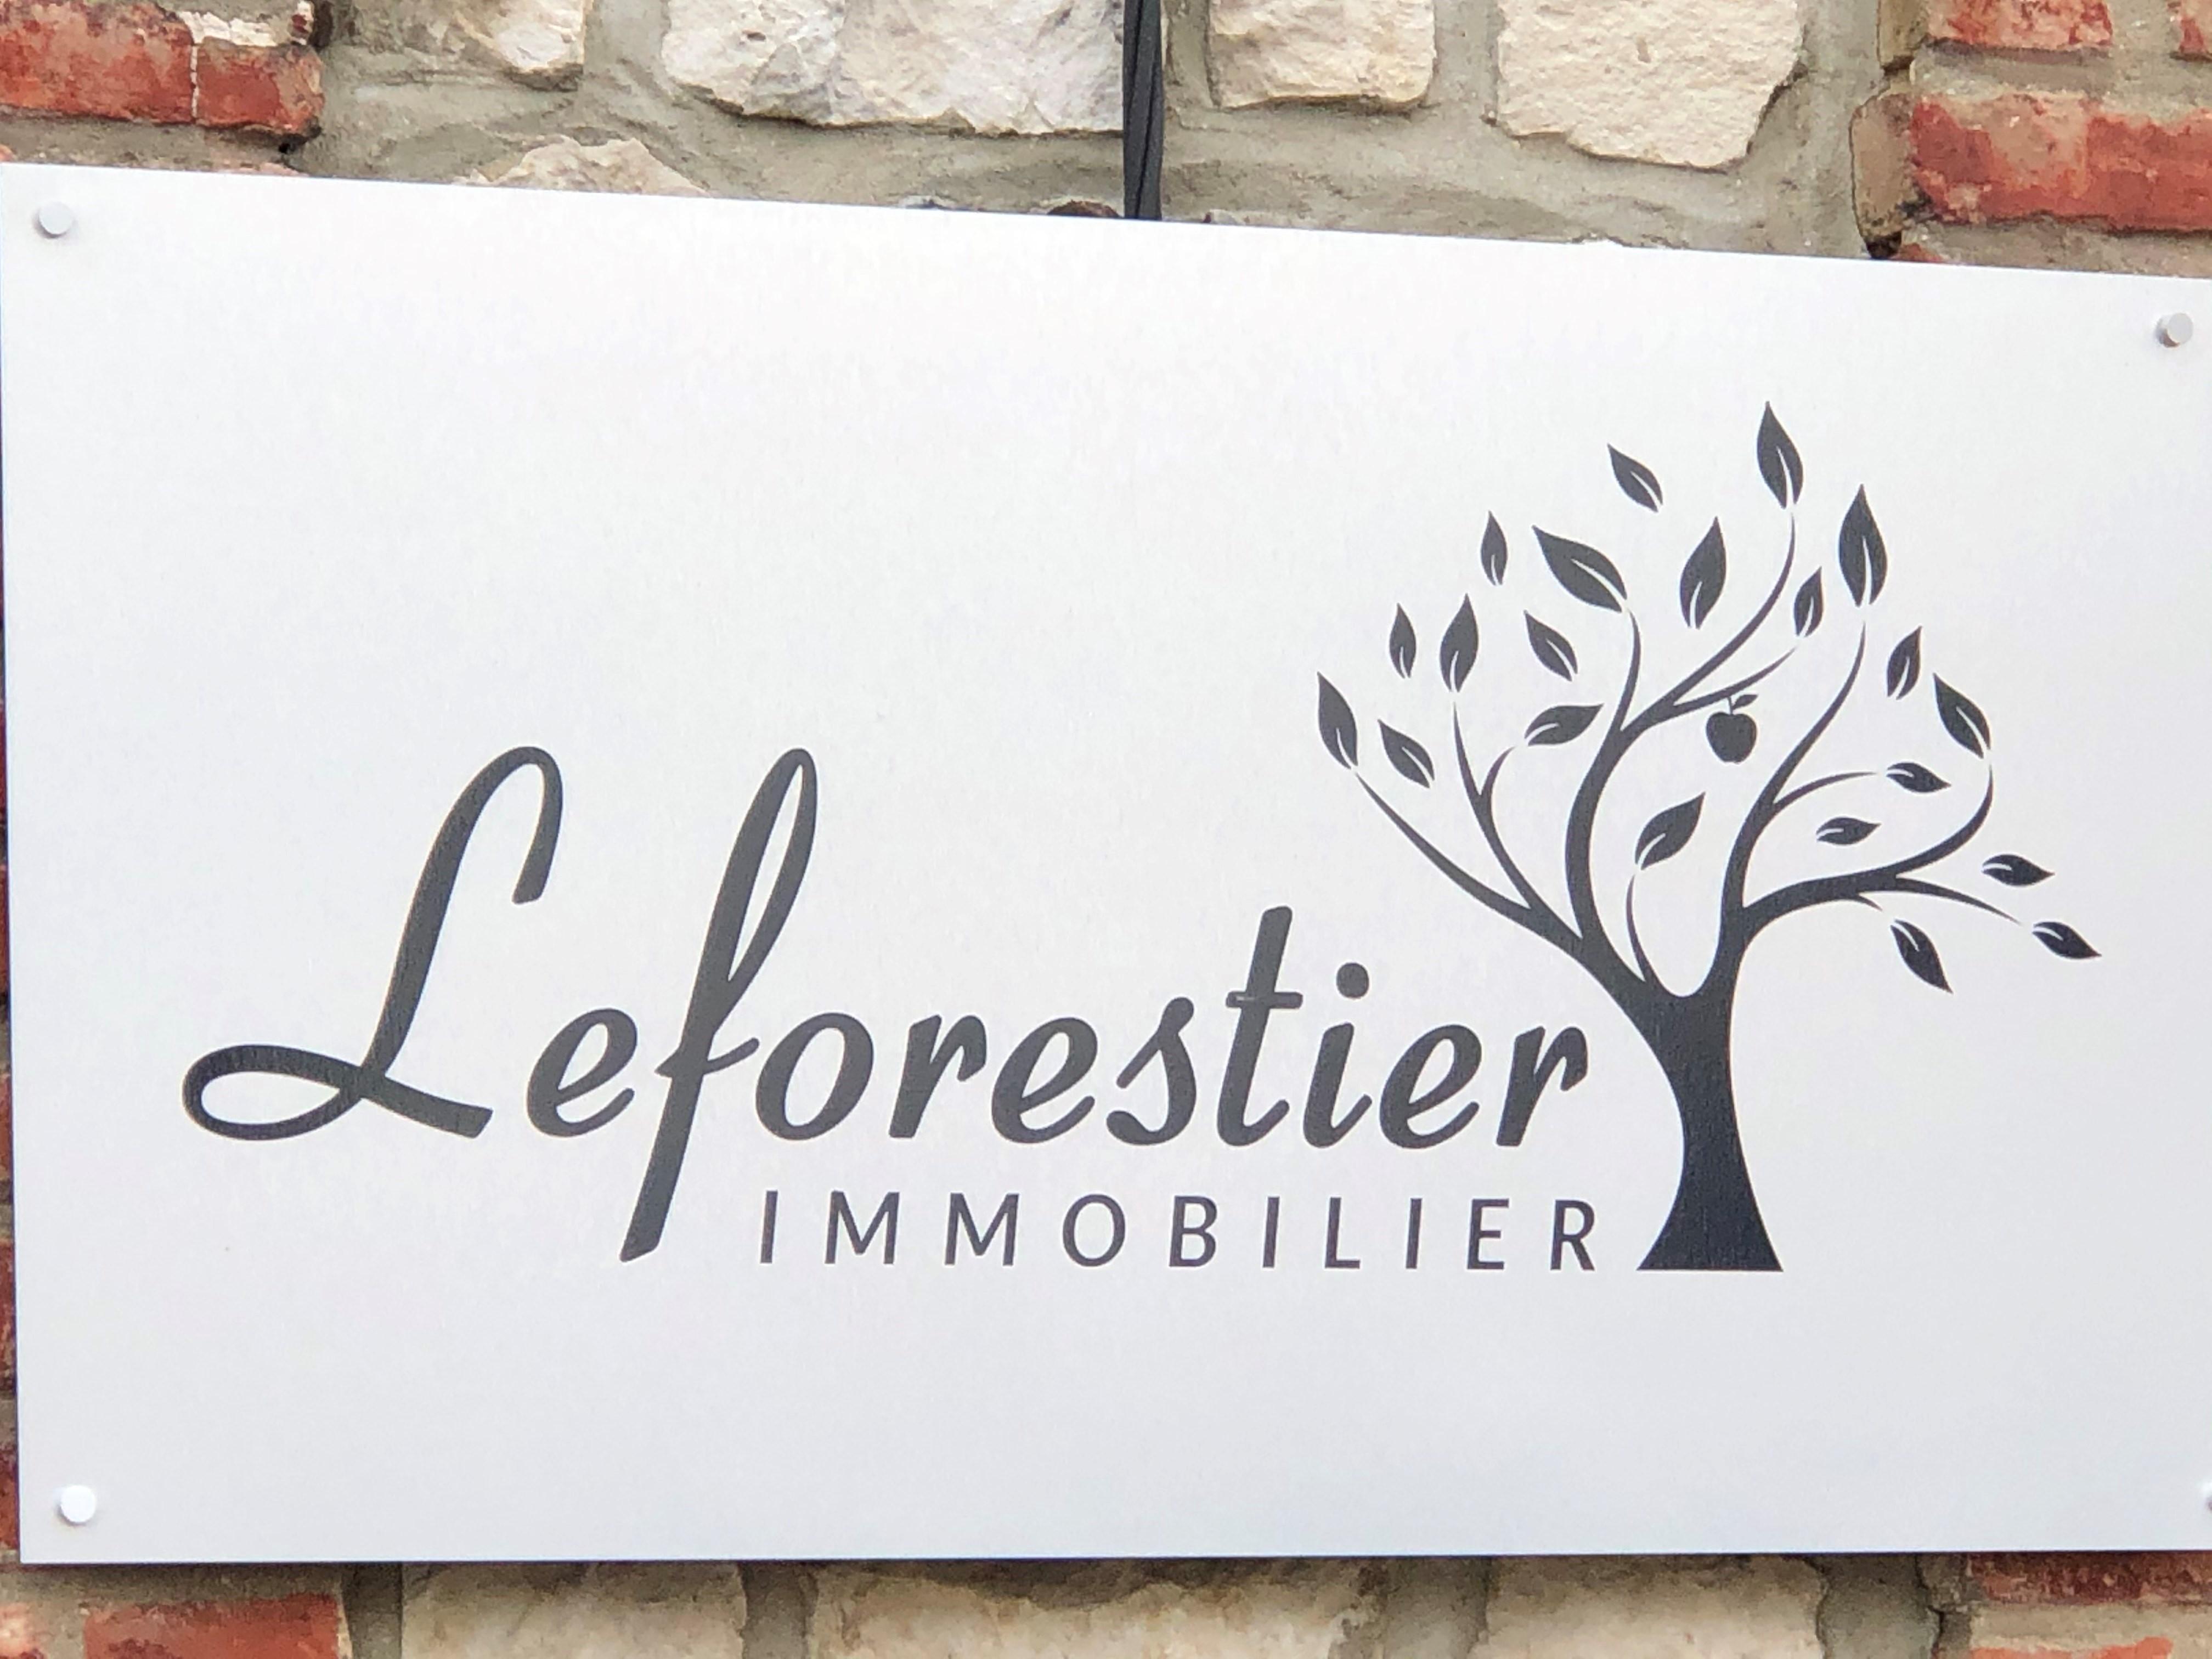 Leforestier immobilier 2.jpg